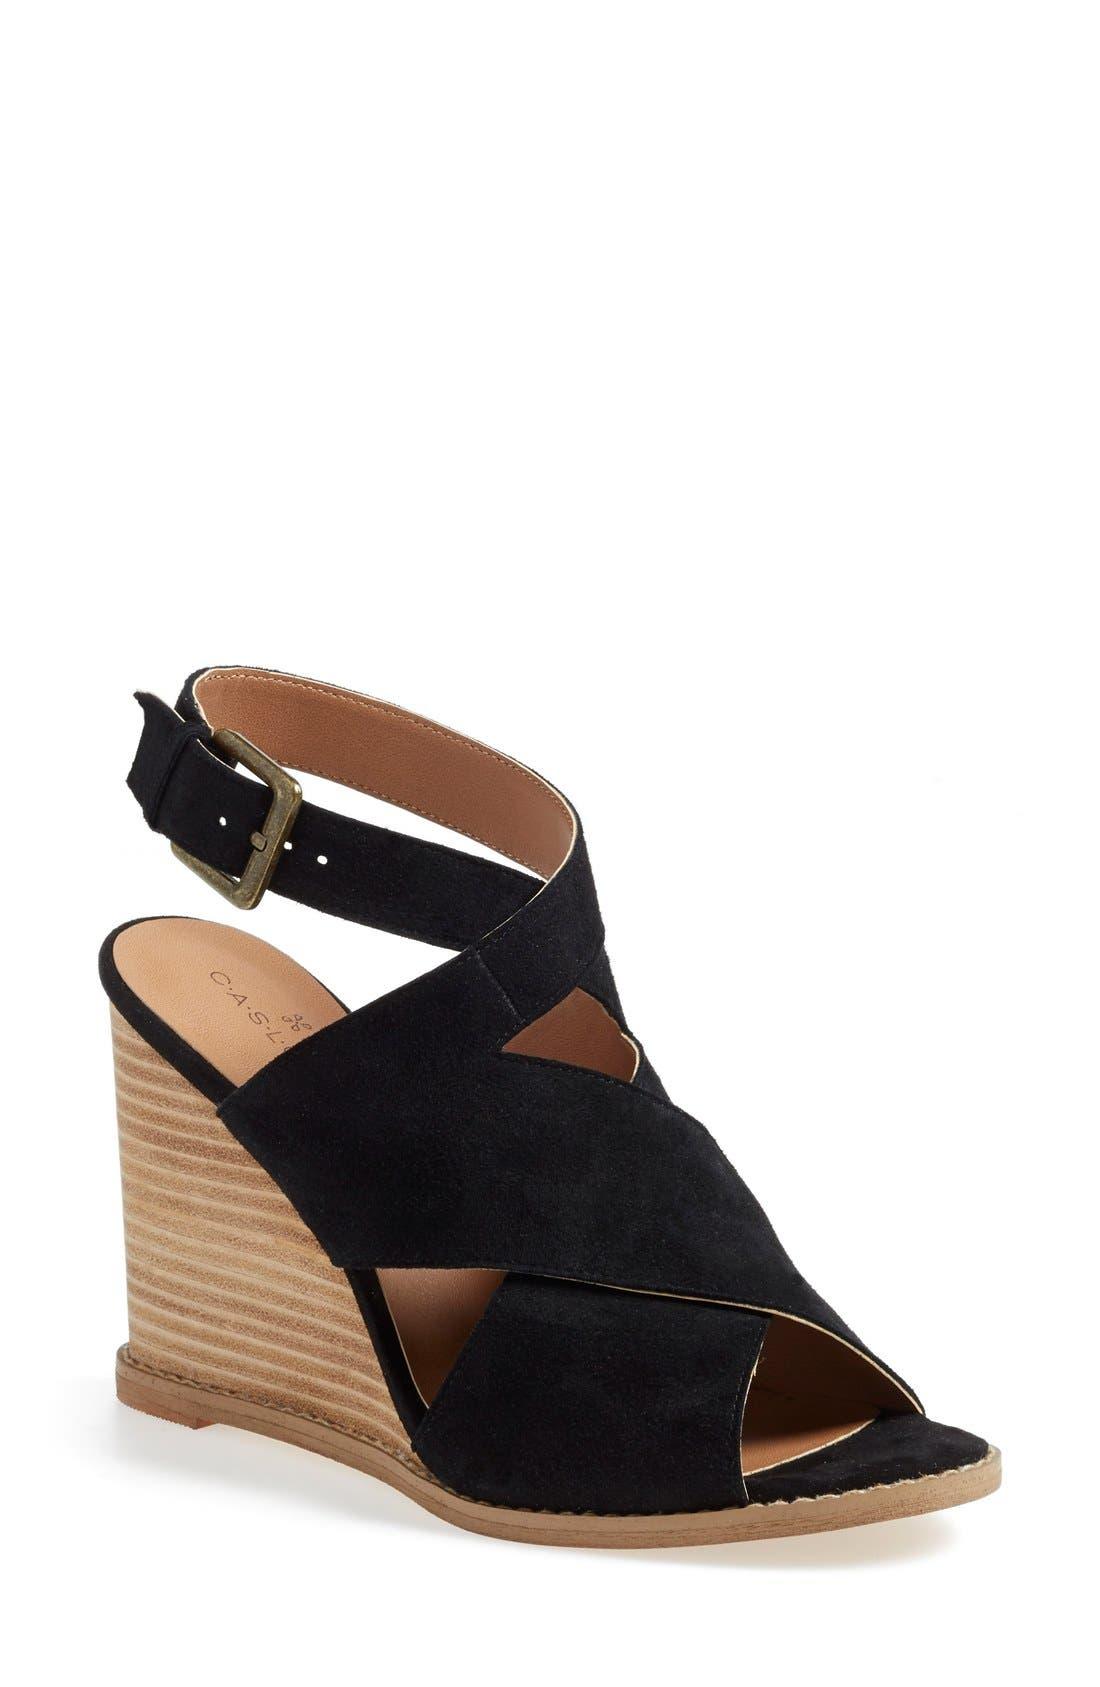 Caslon 'Hallie' Sandal,                             Main thumbnail 1, color,                             001